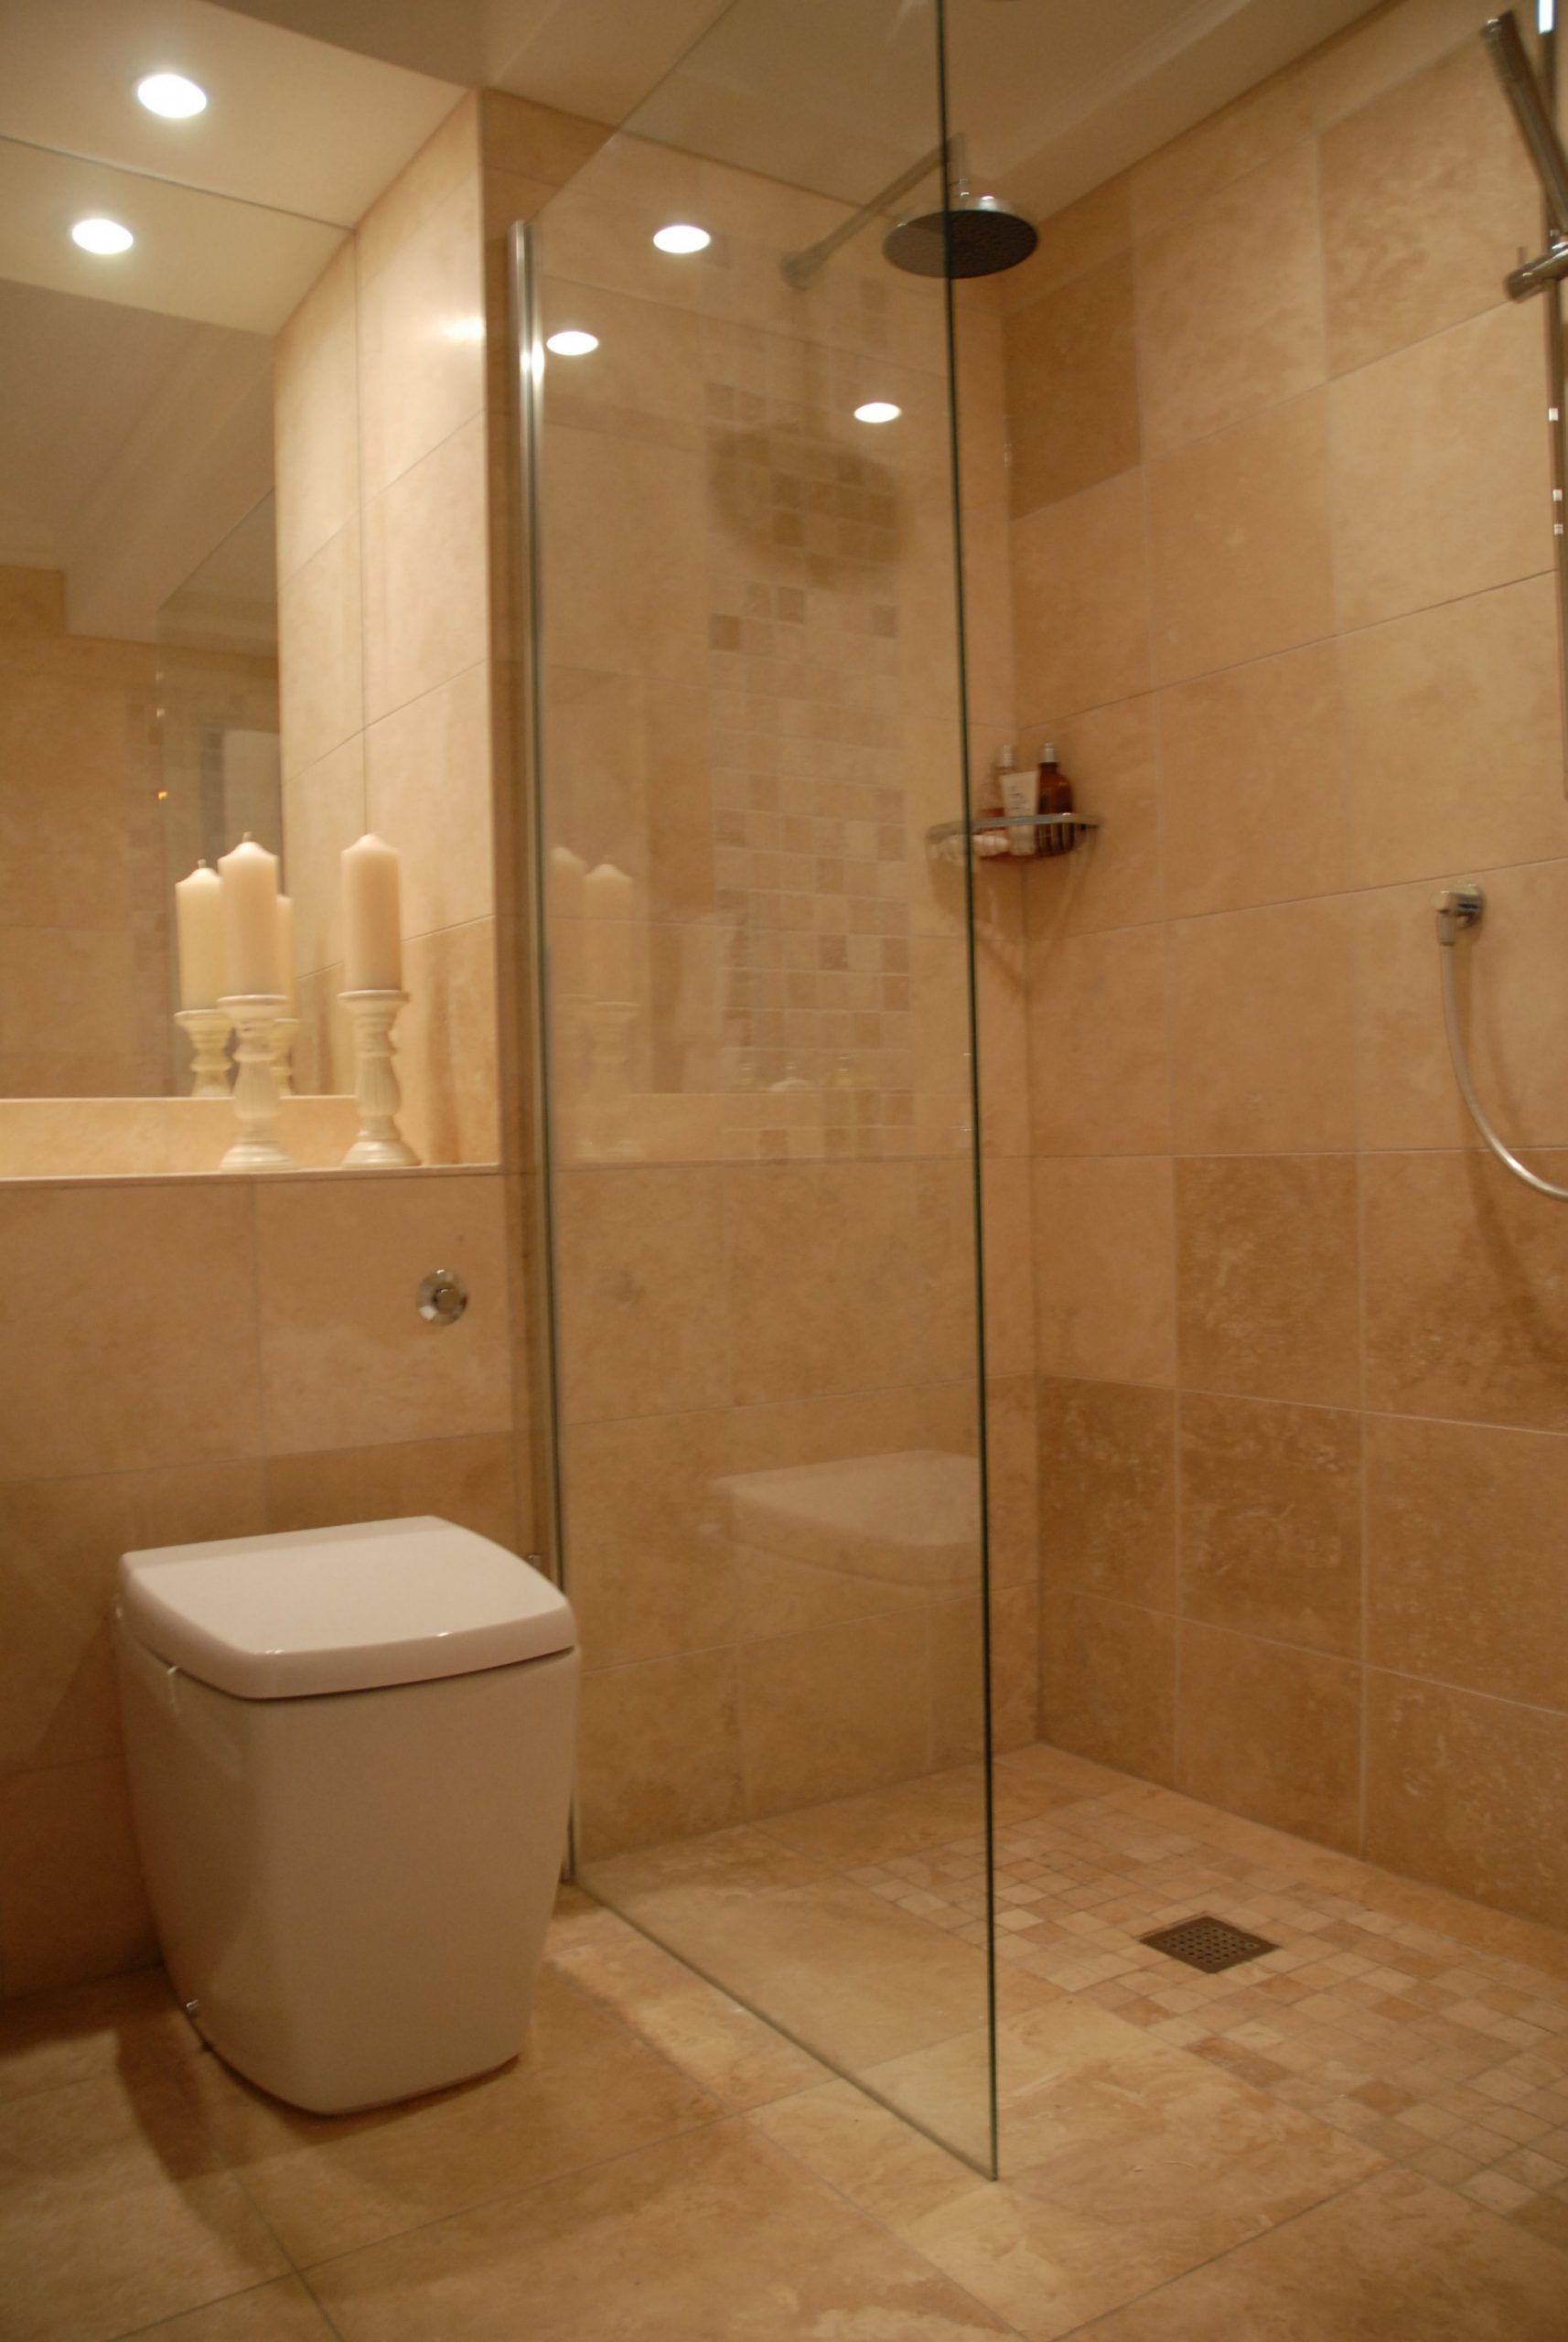 Bathroom Tiles Small Room Wet Rooms Banheiro Pequeno Reforma De Banheiros Pequenos Wet room shower design